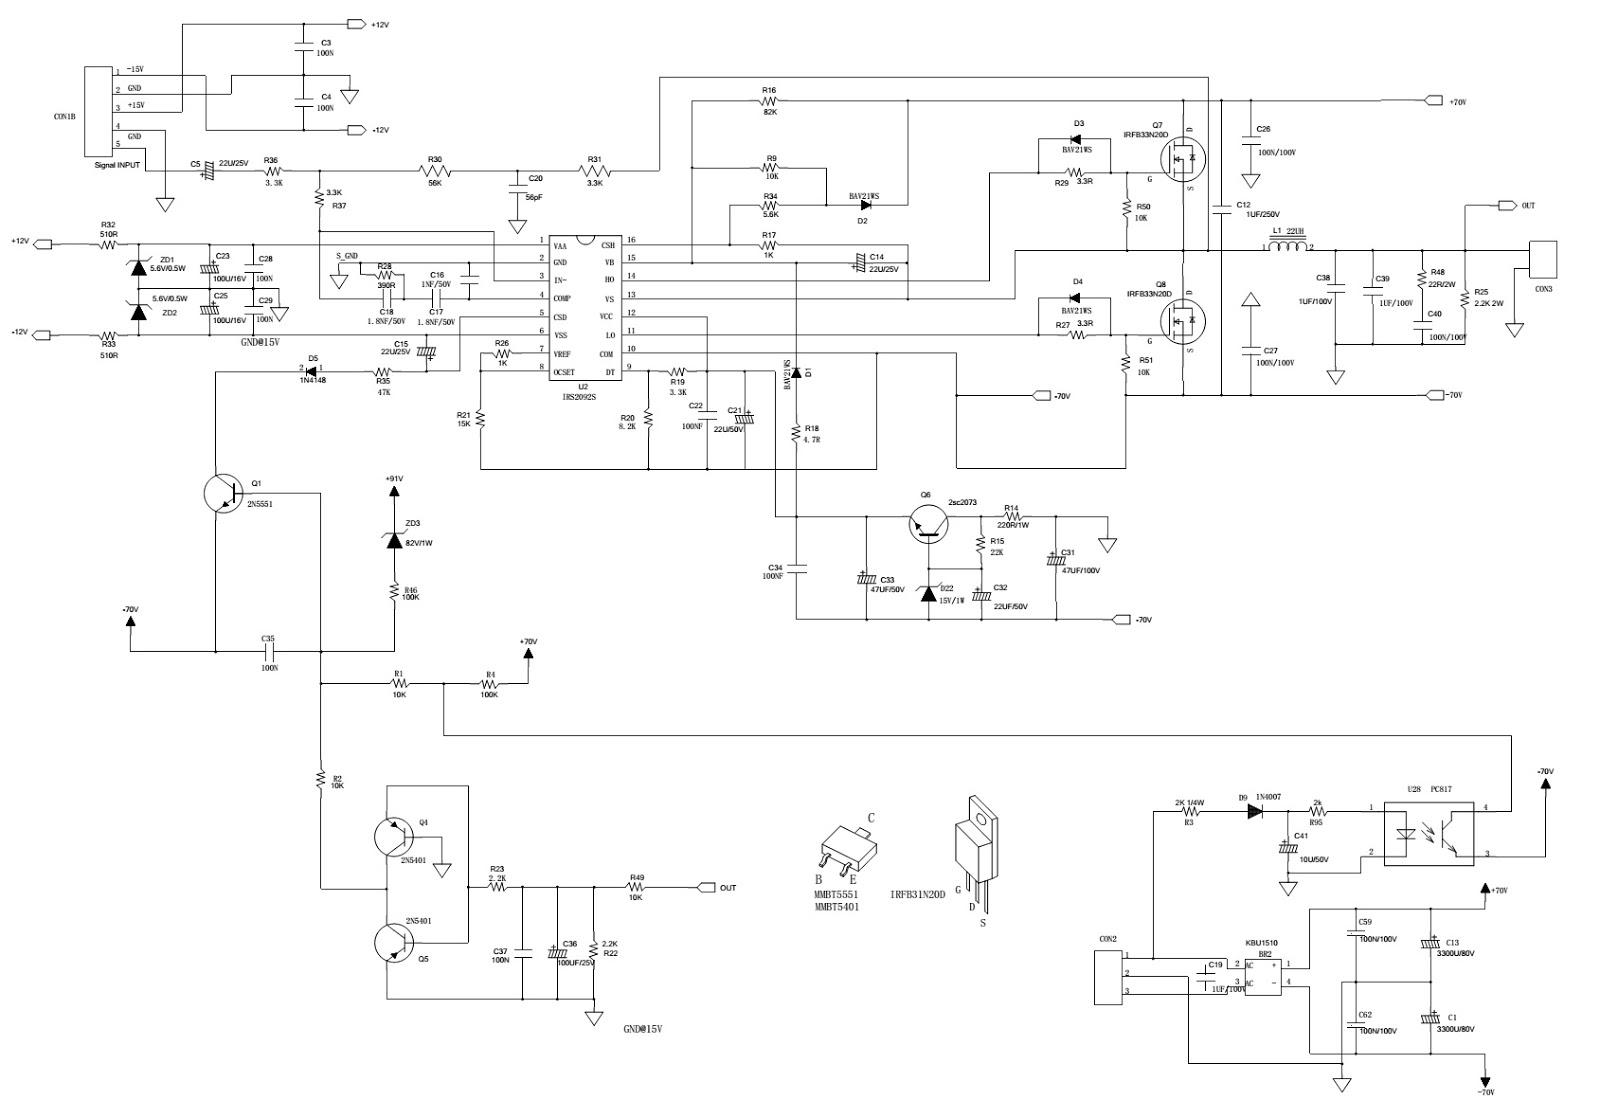 Tourcab 715d 700w class d lifier and pre lifier circuit